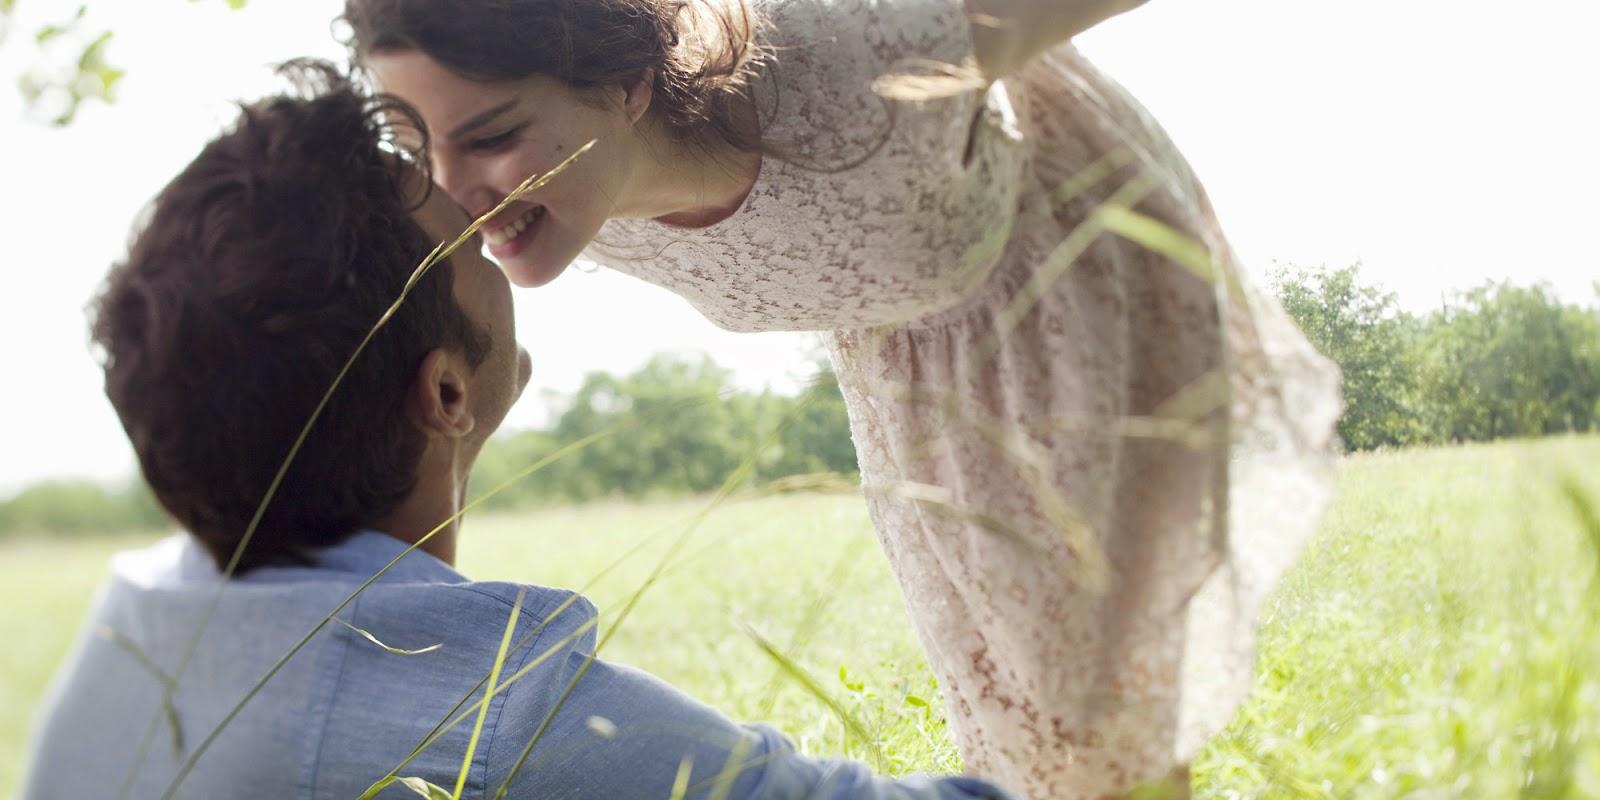 perempuan bertambah berat badan kerana khasiat air mani si suami itu